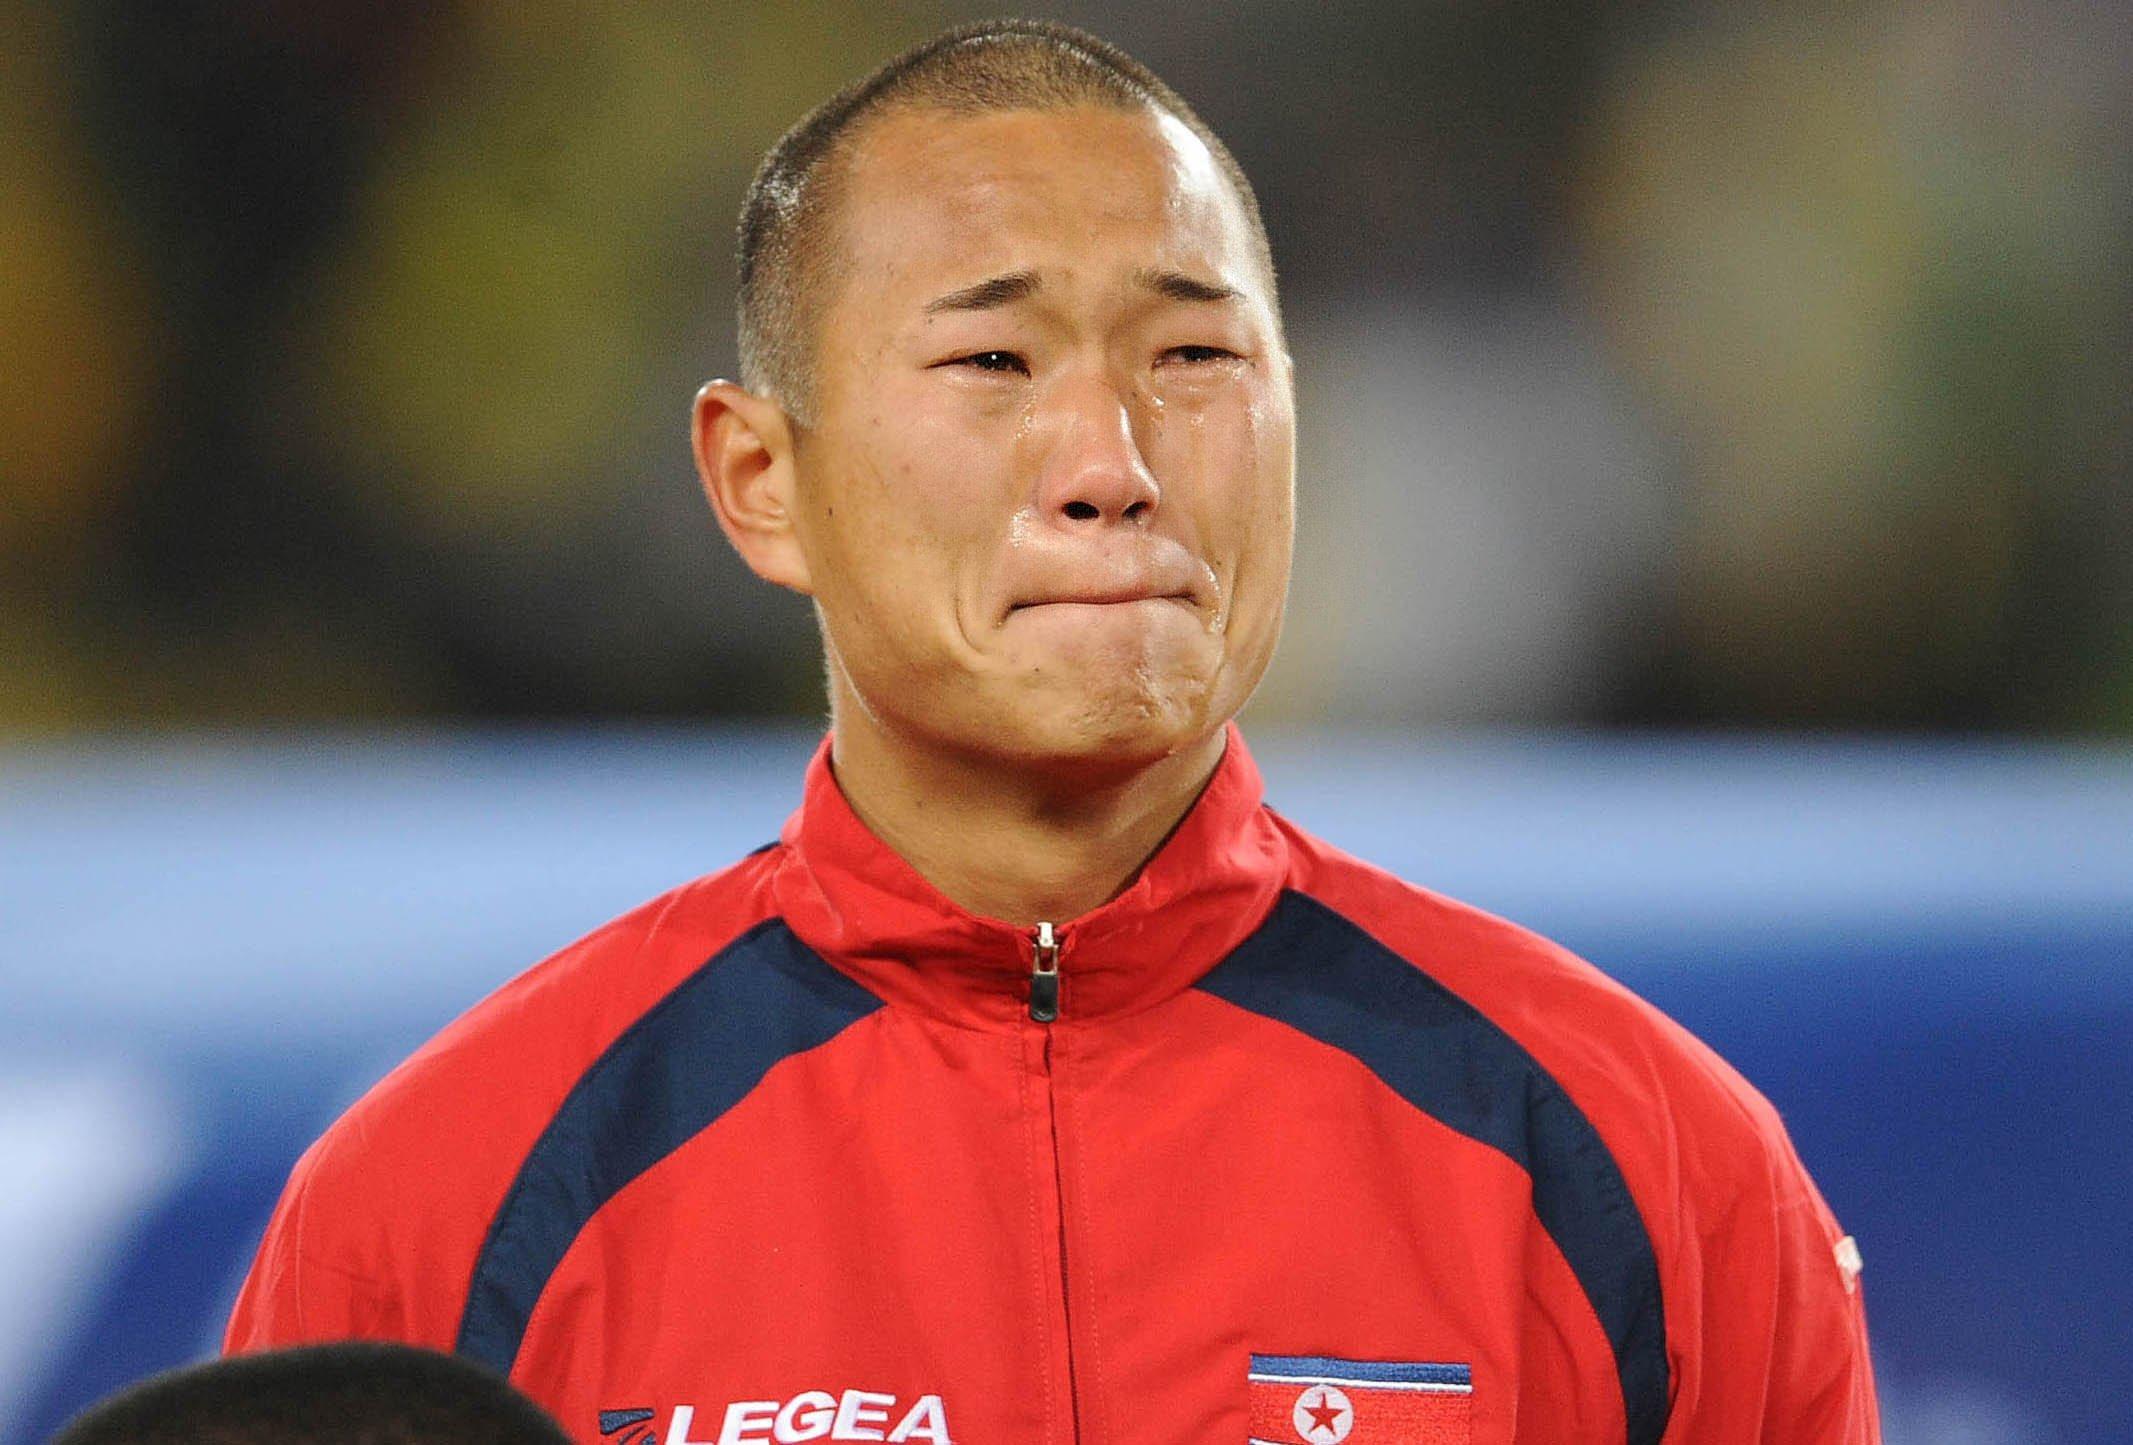 2010年6月15日,在南非世界杯小组赛朝鲜队与巴西队的比赛开始前,朝鲜队球员郑大世在朝鲜国歌奏响时泪流满面。